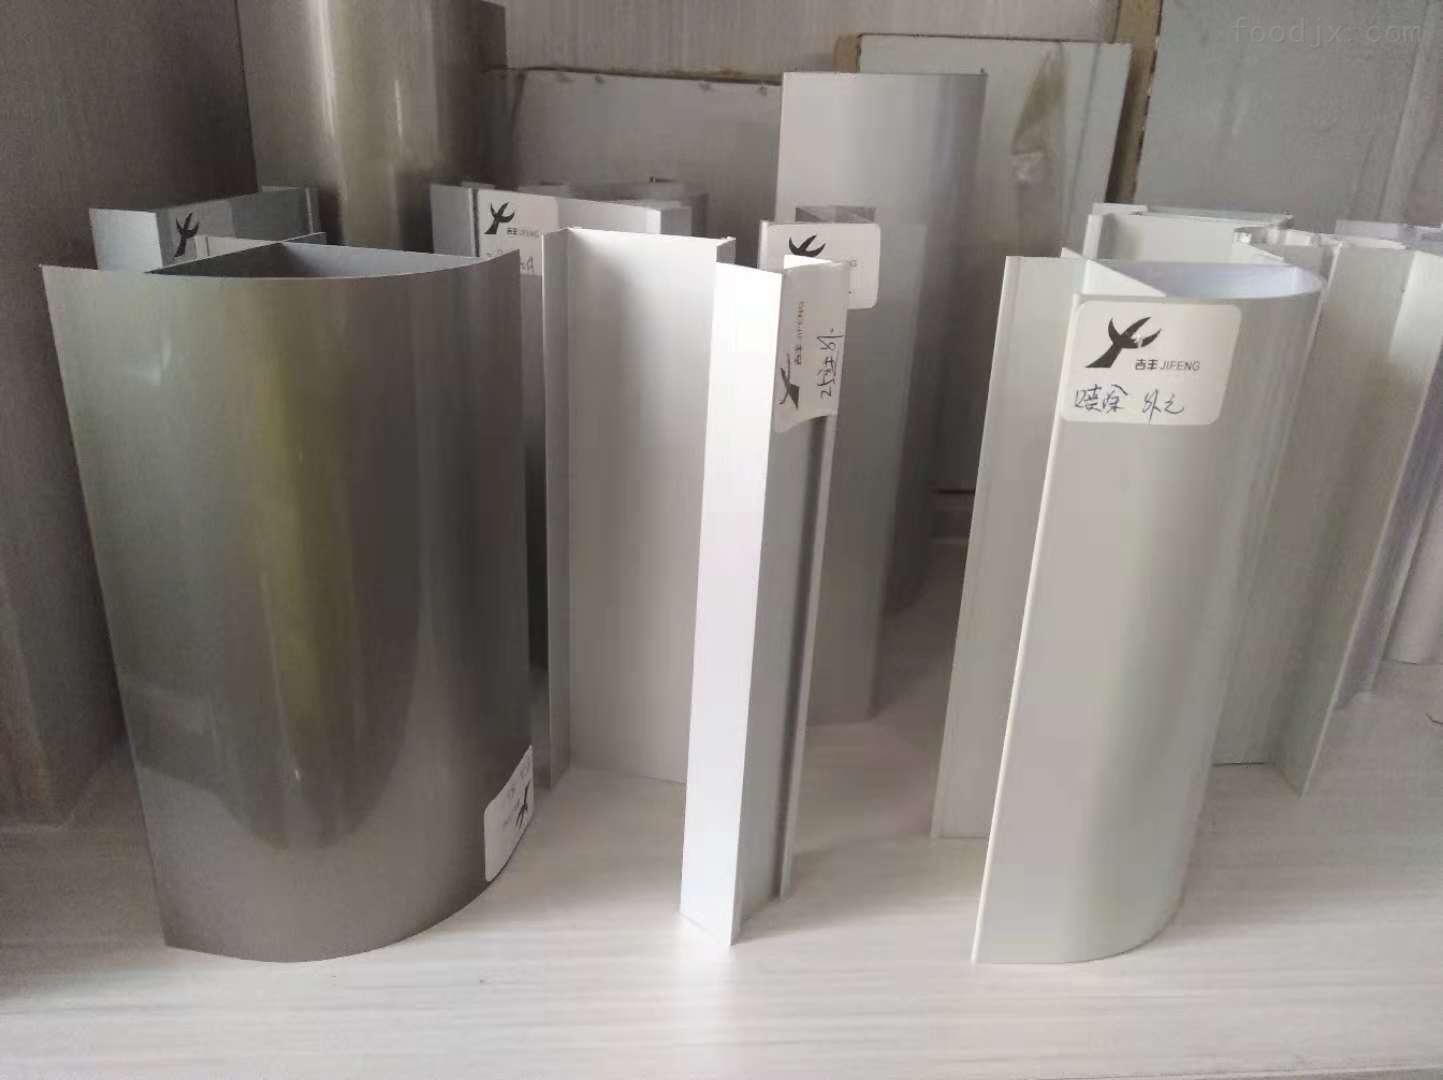 供应临沂洁净室净化铝型材及净化配件